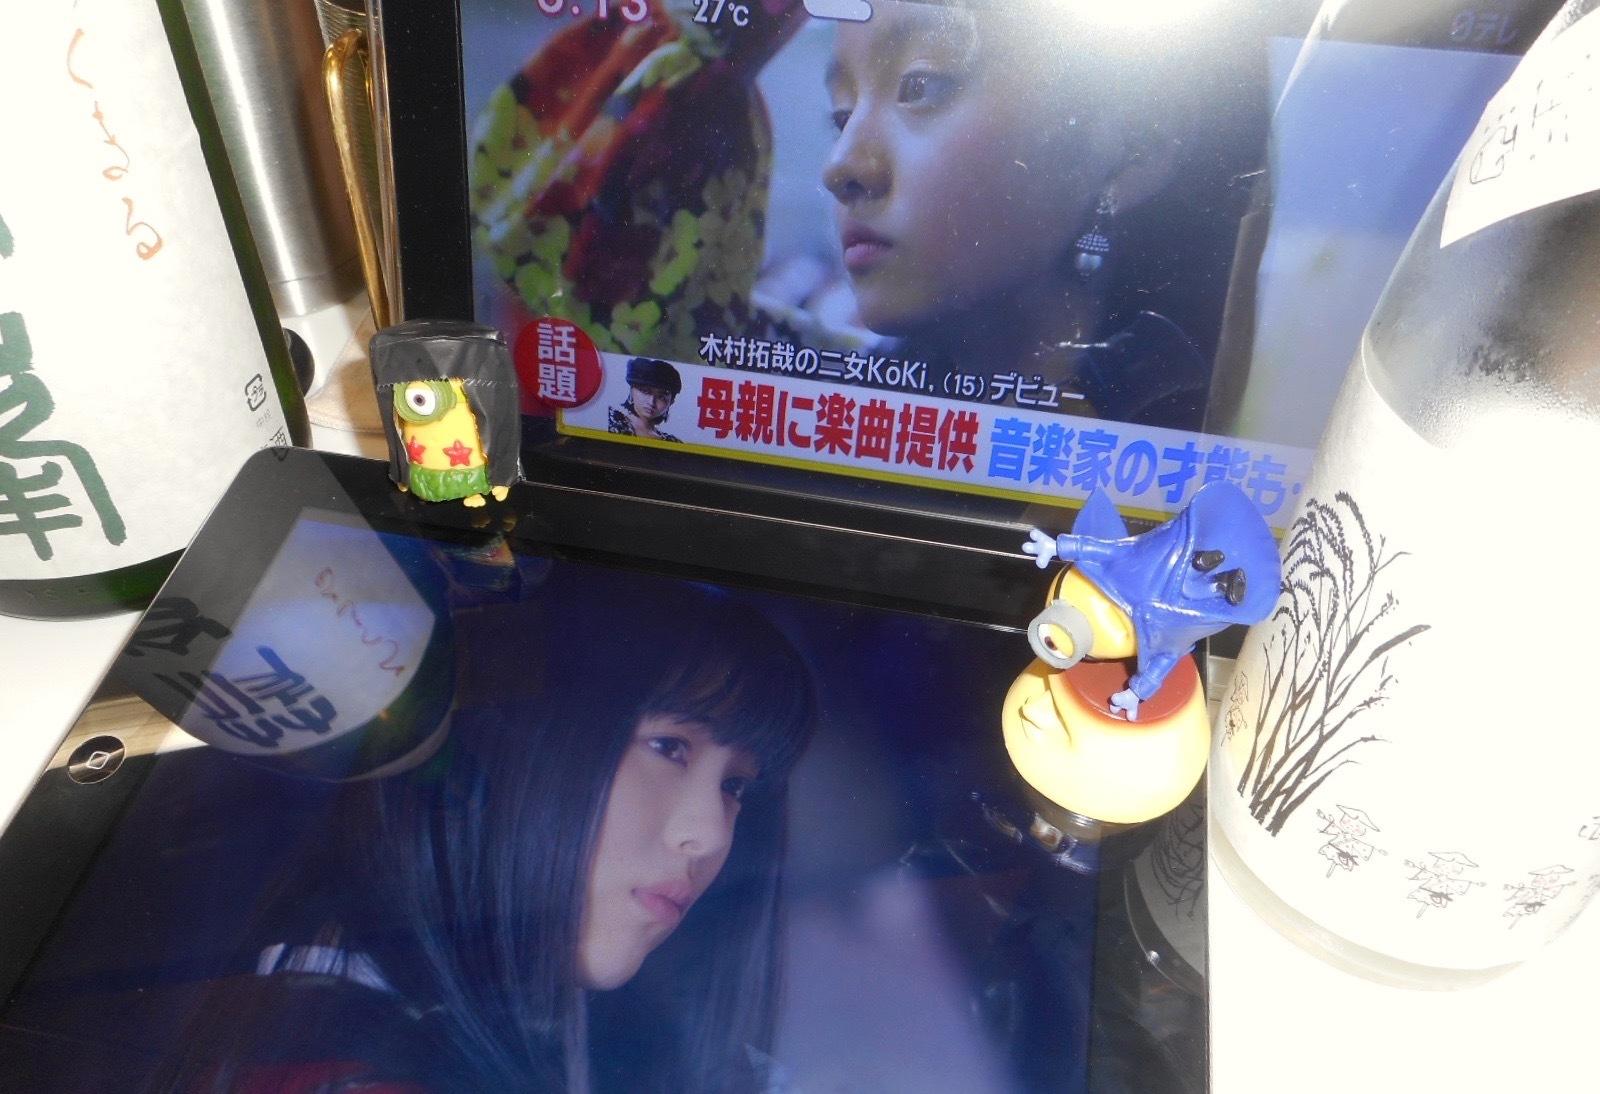 浜辺美波最強論vsKoki,2